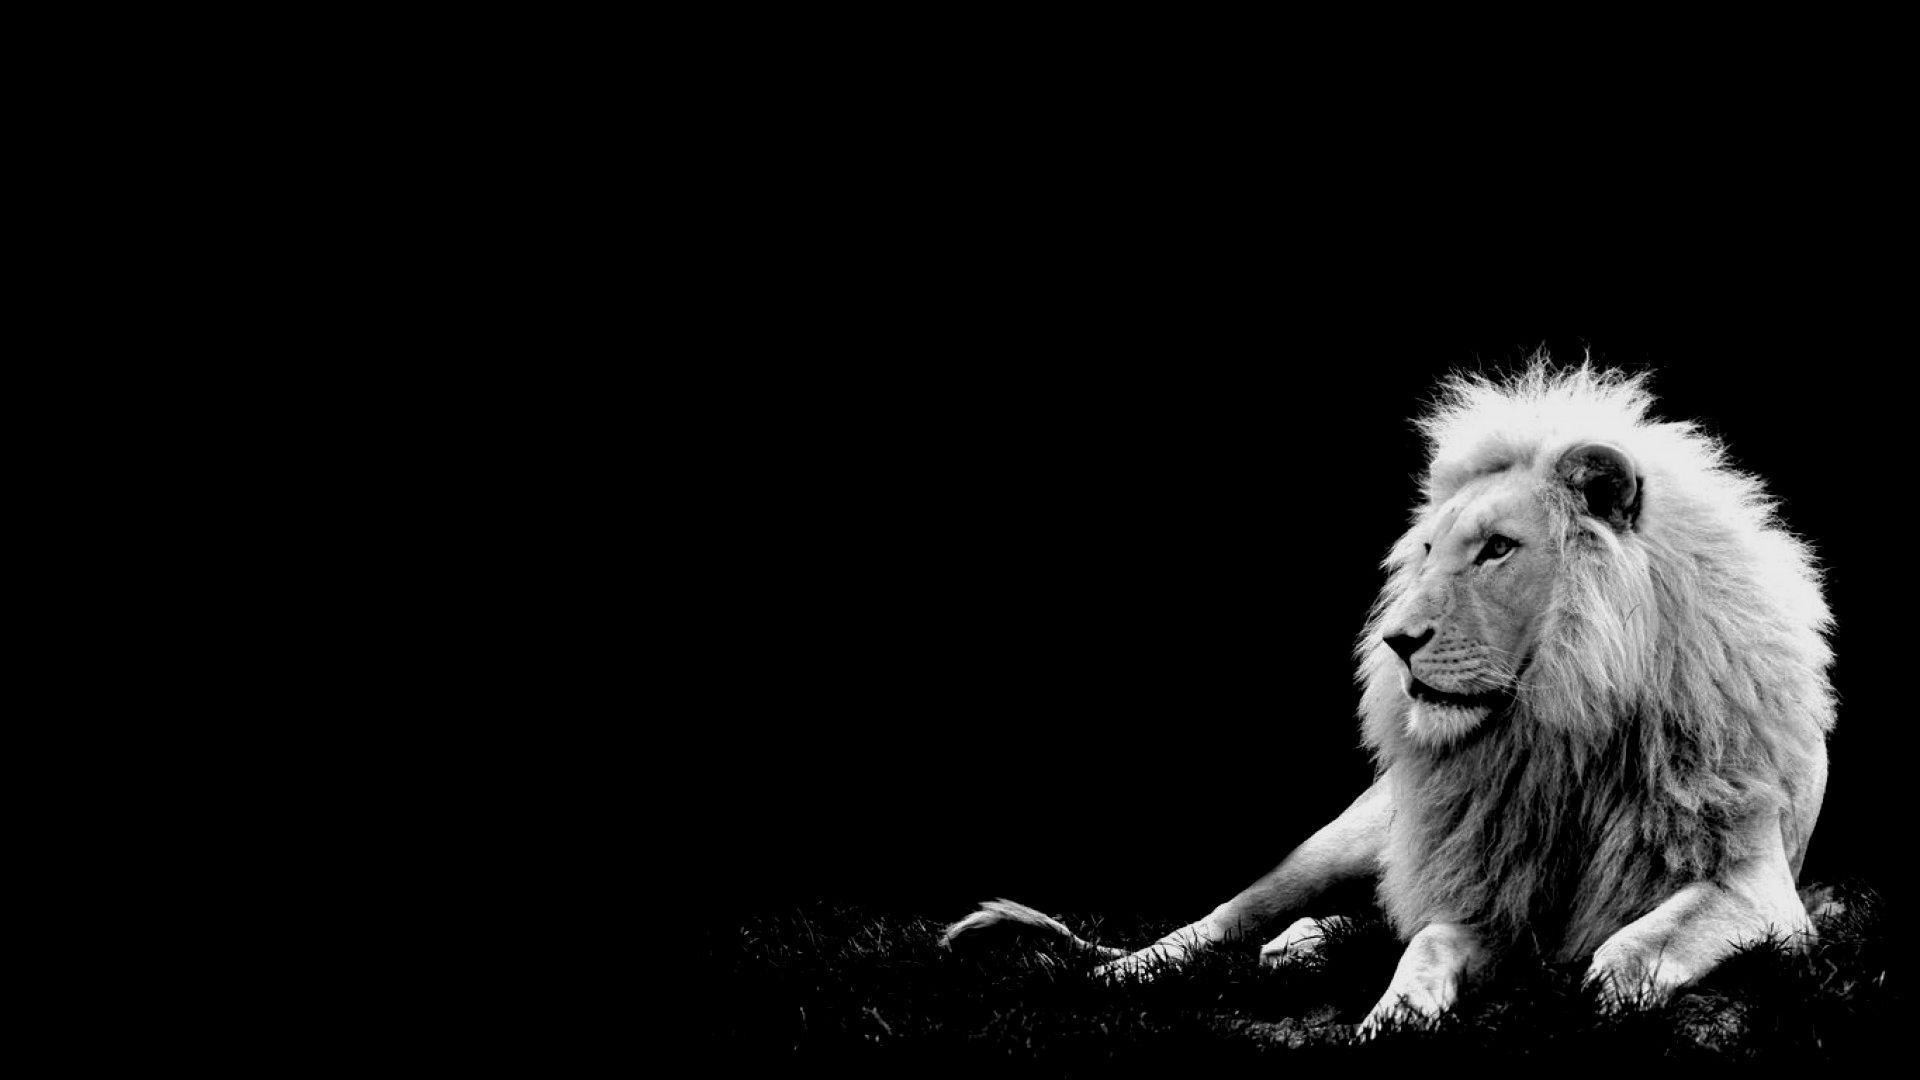 Hd wallpaper lion - White Lion Wallpaper Hd